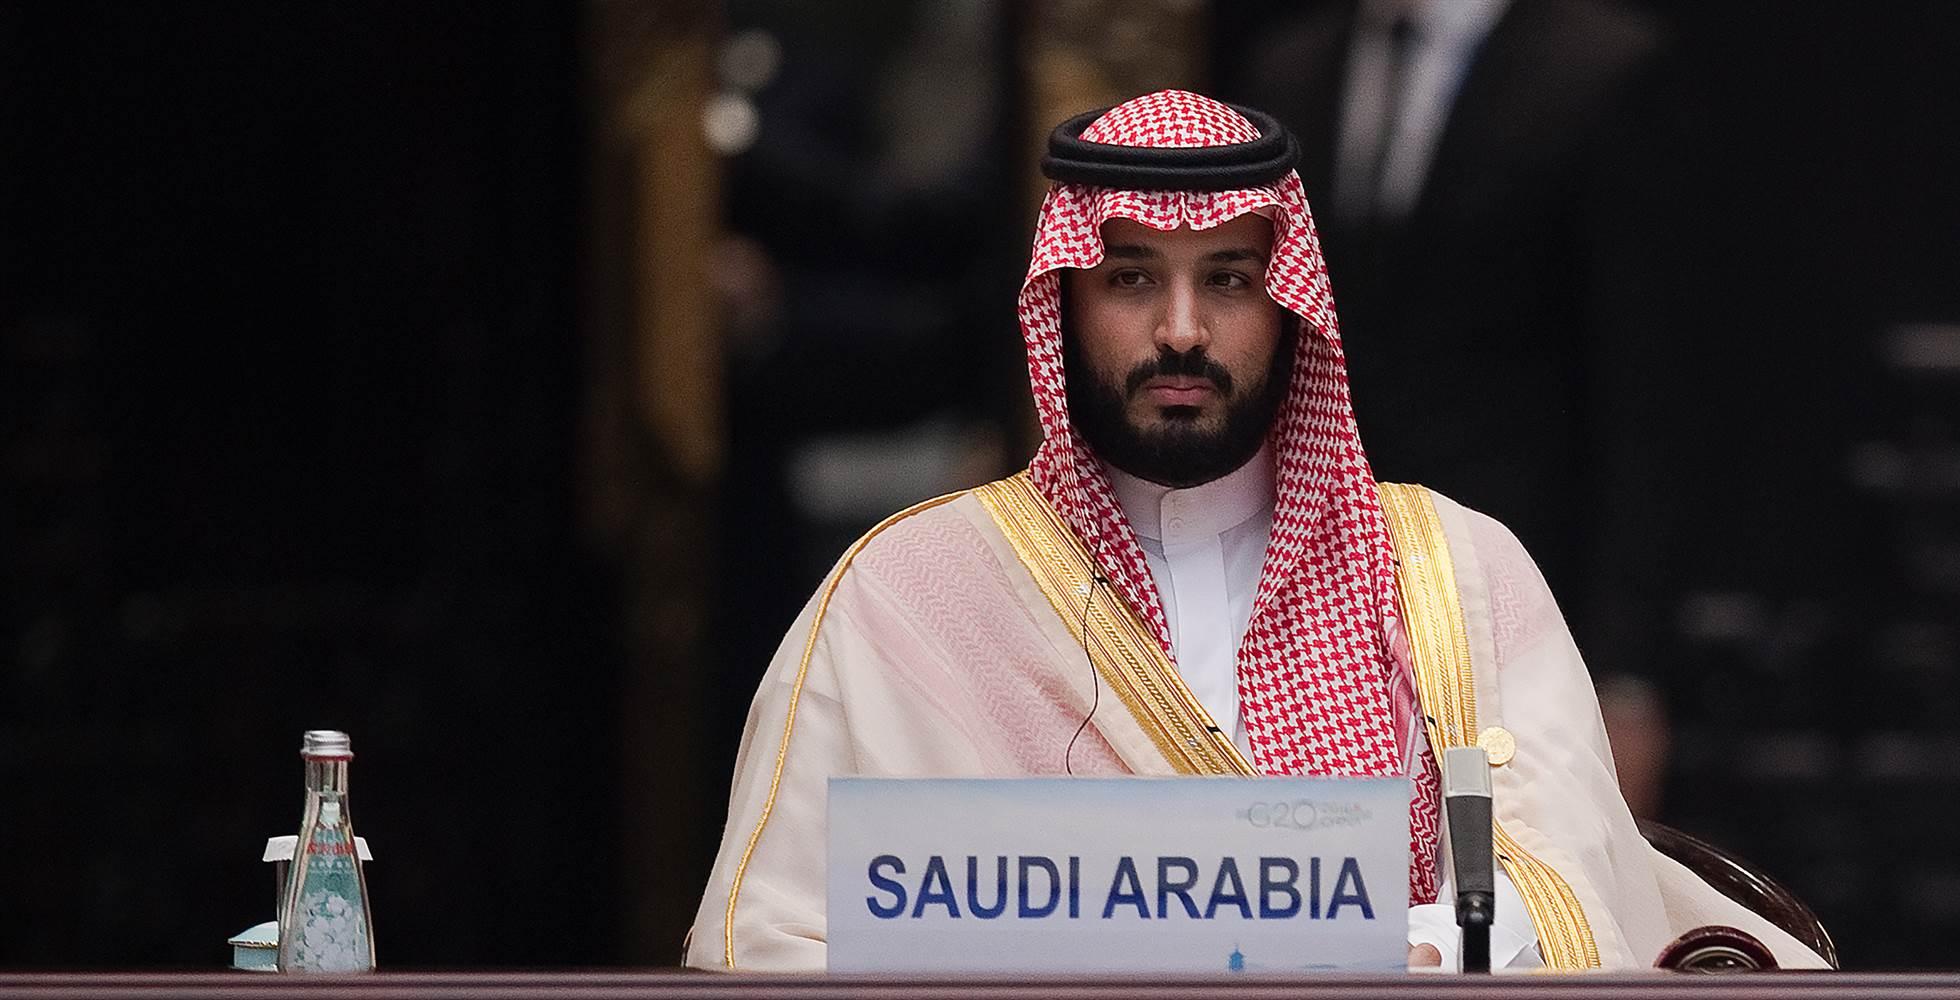 ARABIA SAUDÍ DETIENE A DECENAS DE MINISTROS, EMPRESARIOS Y PRÍNCIPES POR CORRUPCIÓN